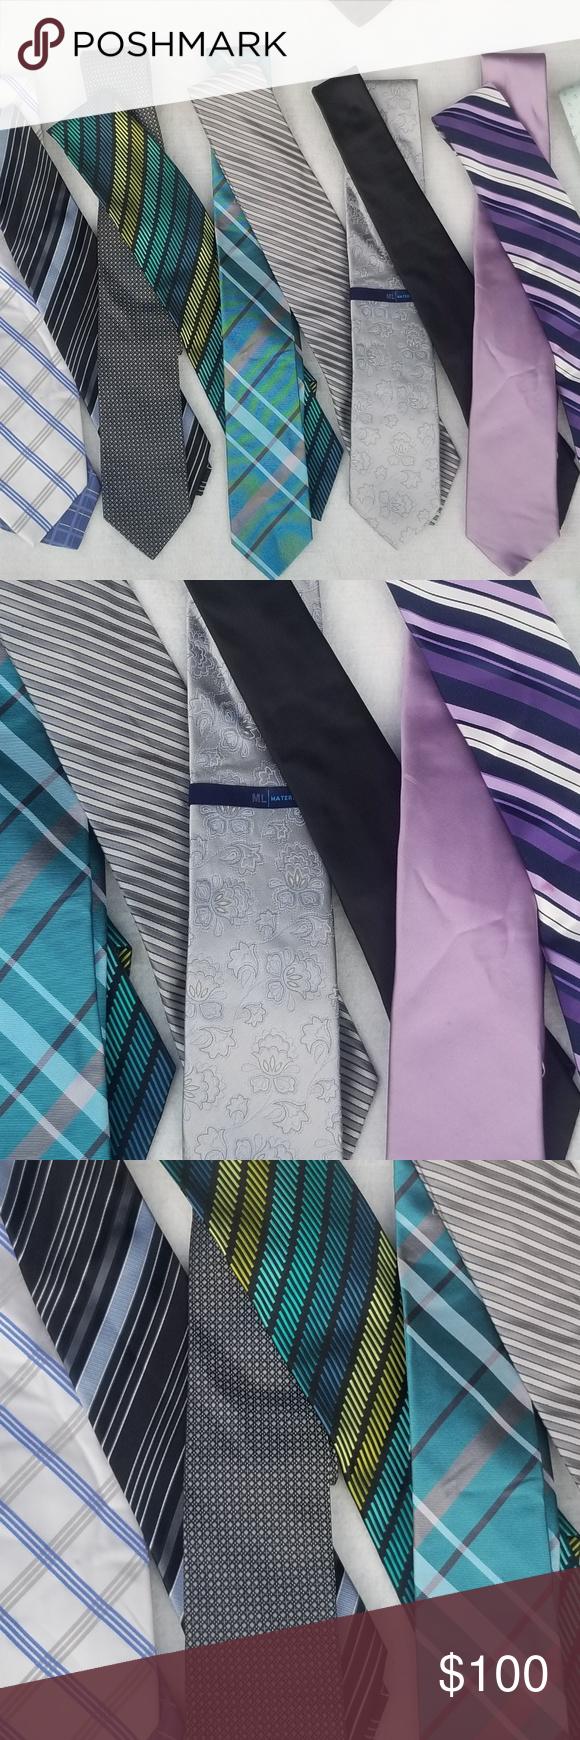 Men's Designer Silk Tie Lot (16 Ties ) Men's Designer Silk